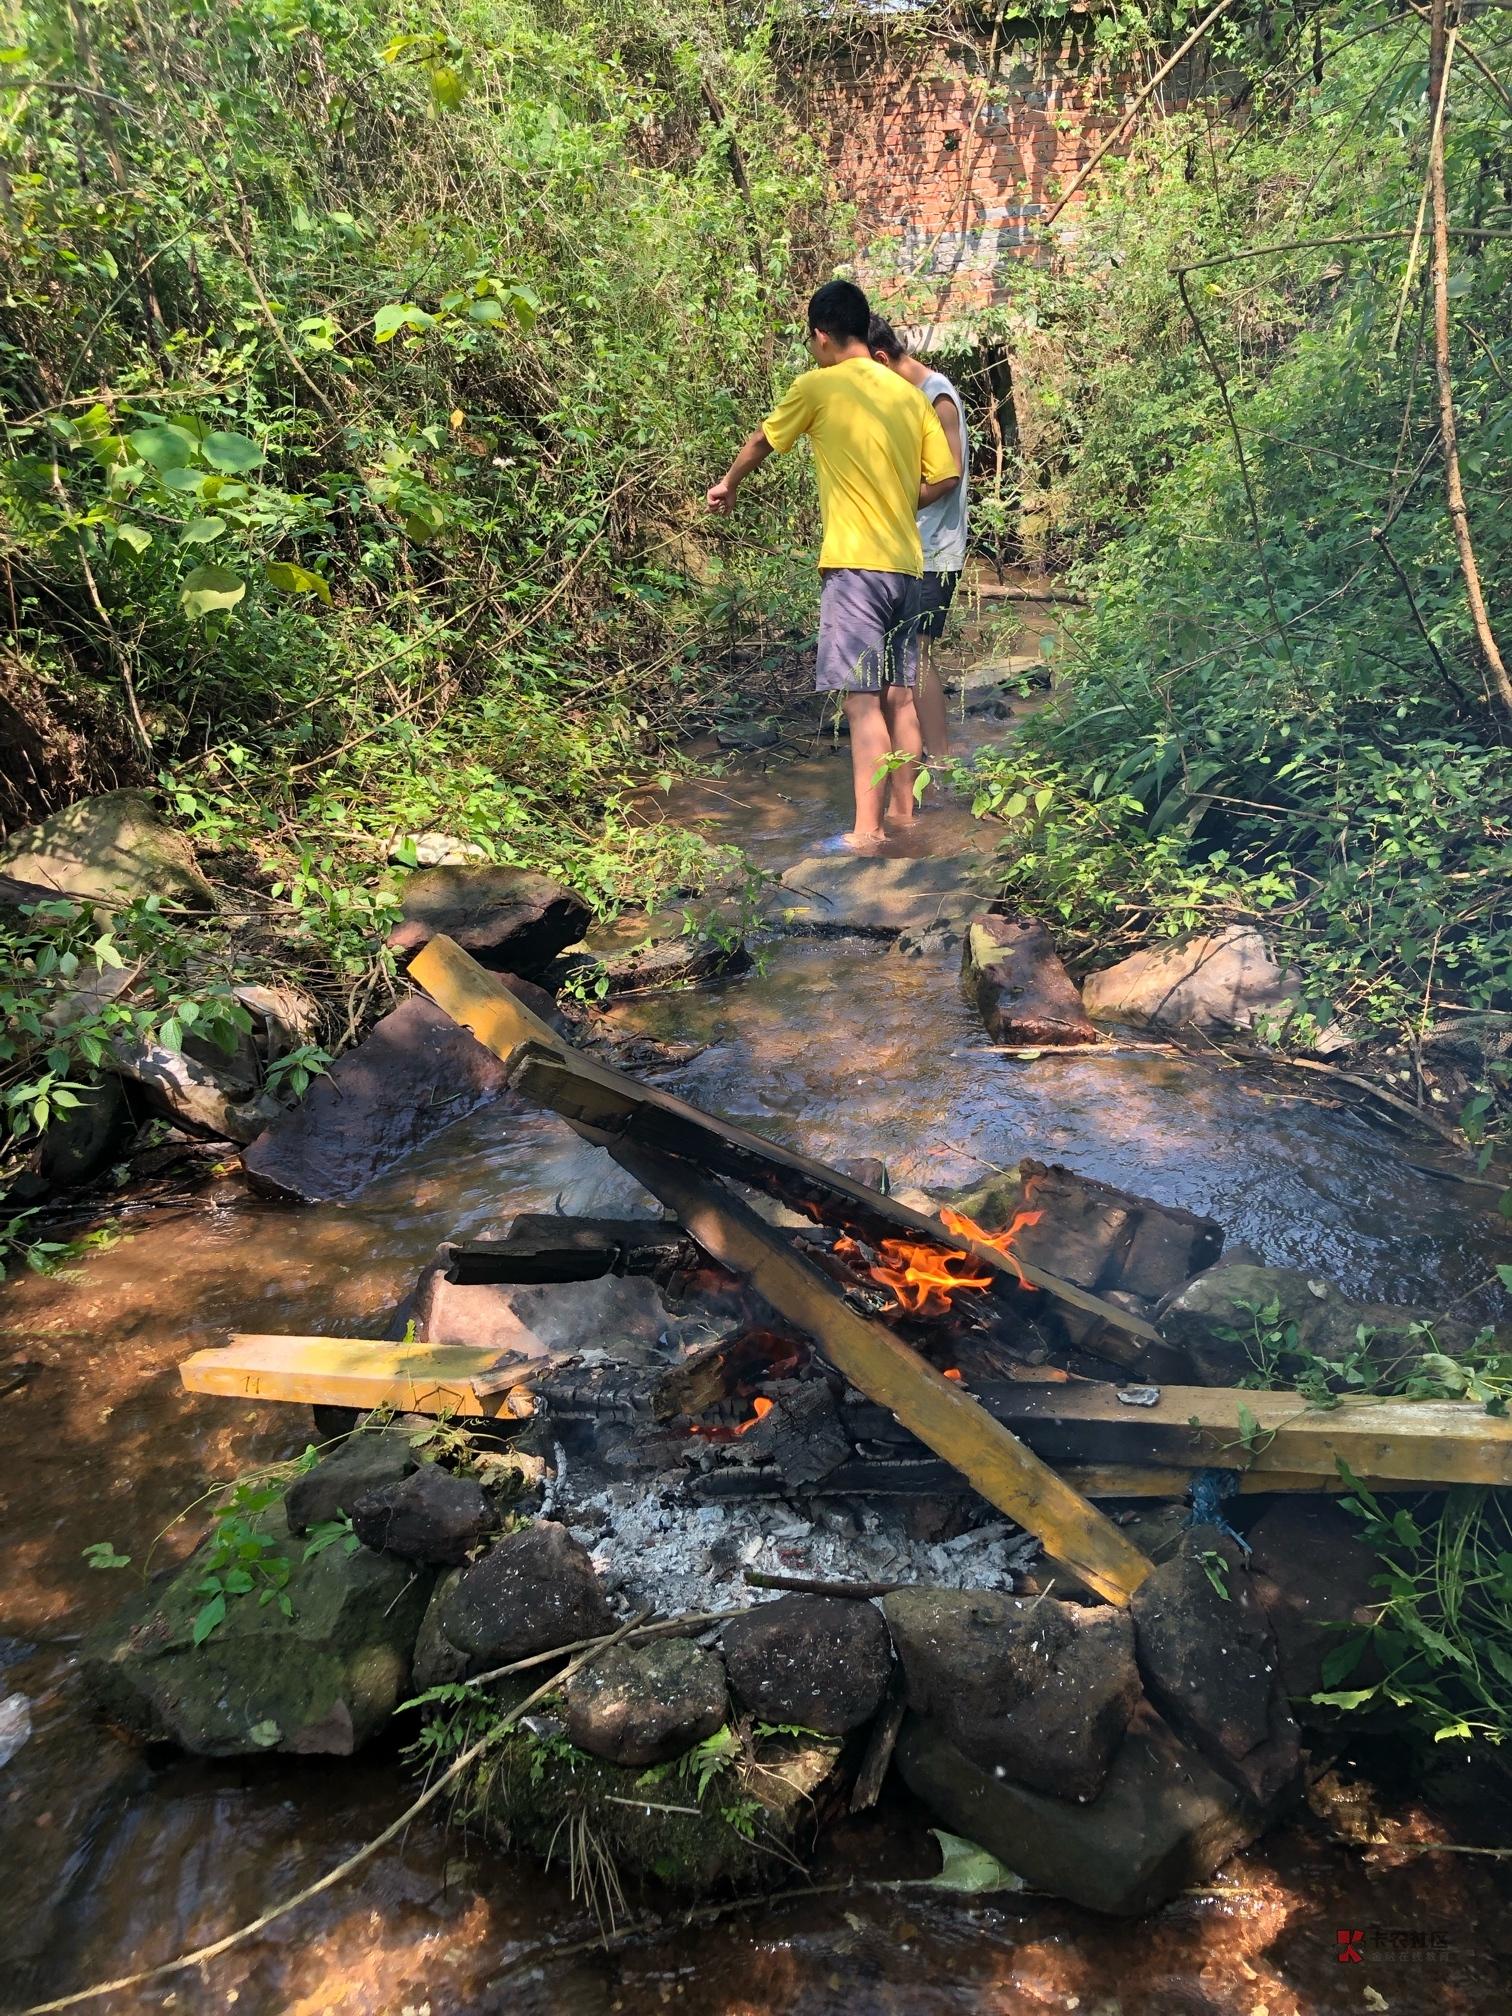 昨天跟两个朋友一起去野炊了,结果泥巴不够,懒得和,直接烧,糊了一只。但另外一只特34 / 作者:霜雪千年 /